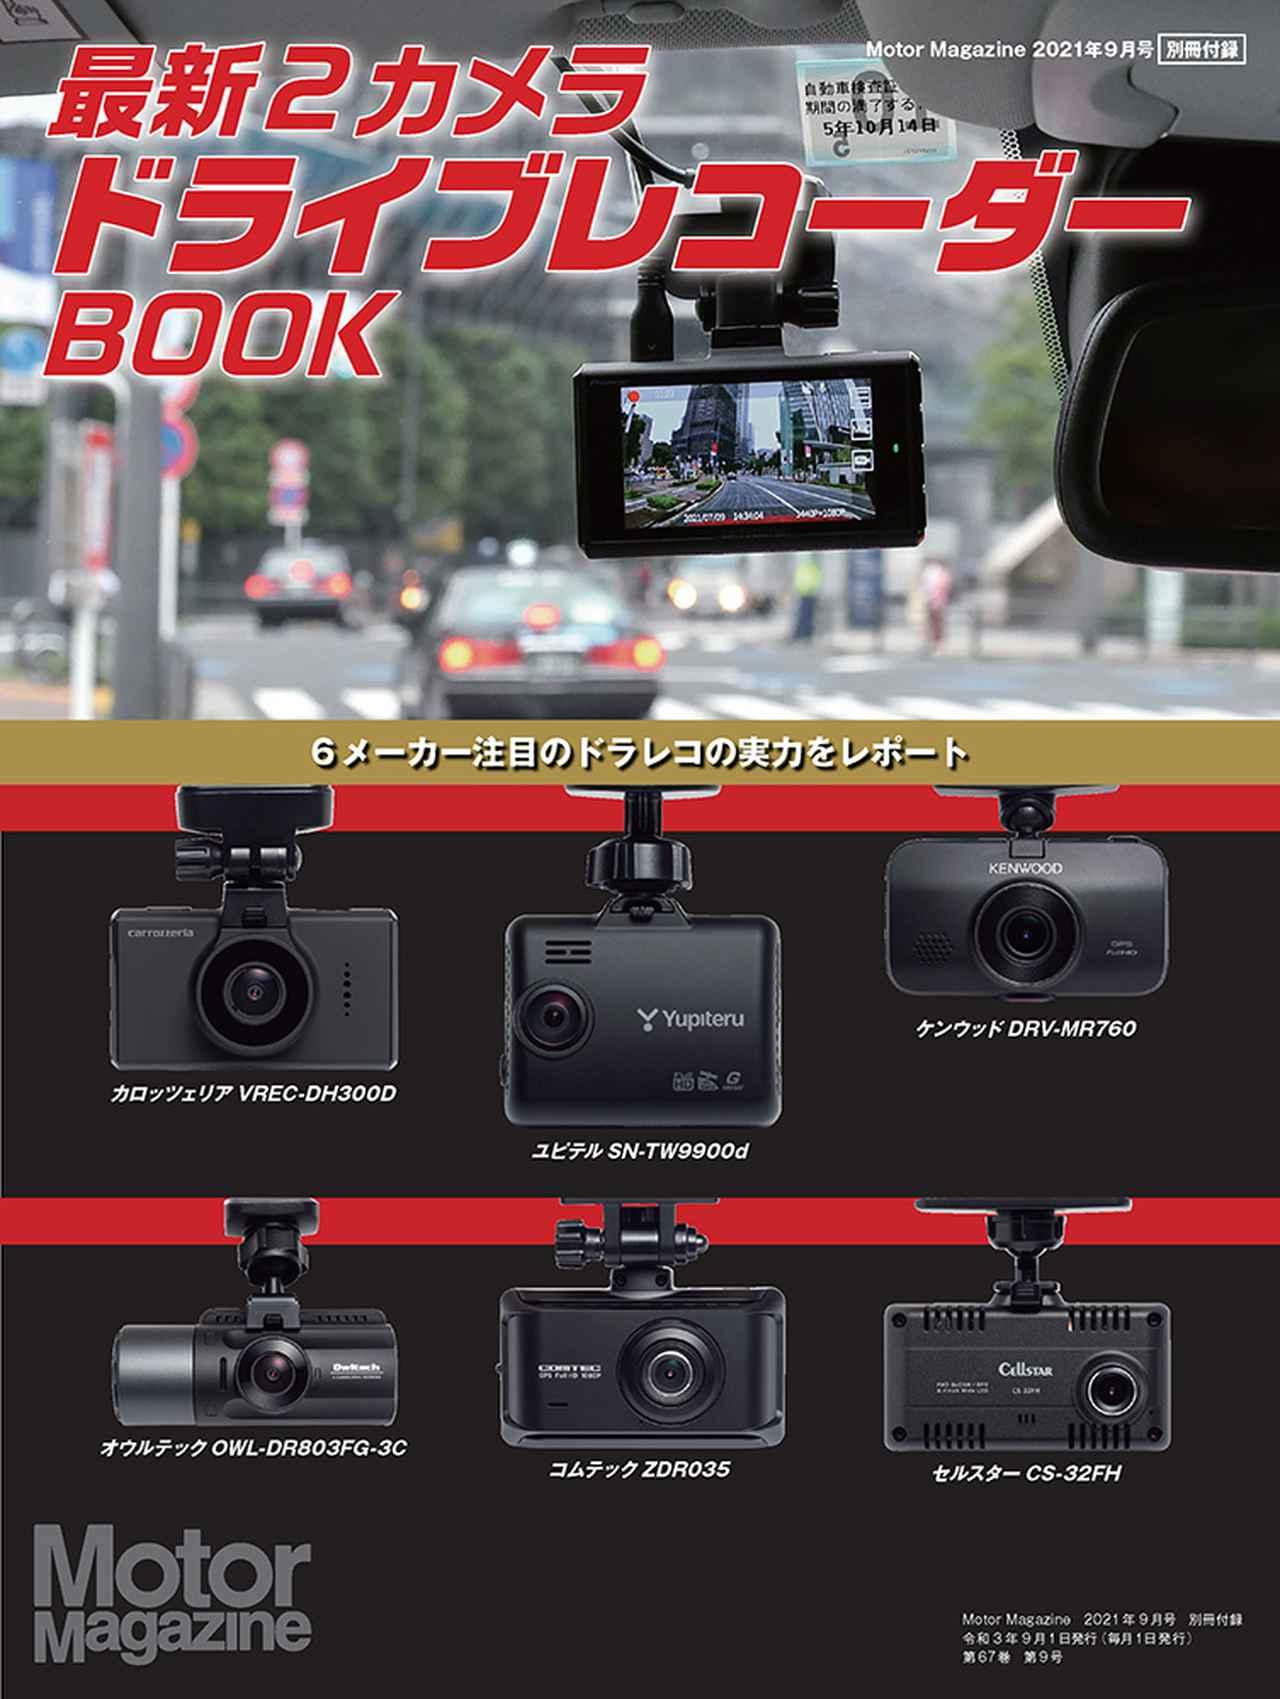 画像2: 「Motor Magazine」2021年9月号は7月30日発売。